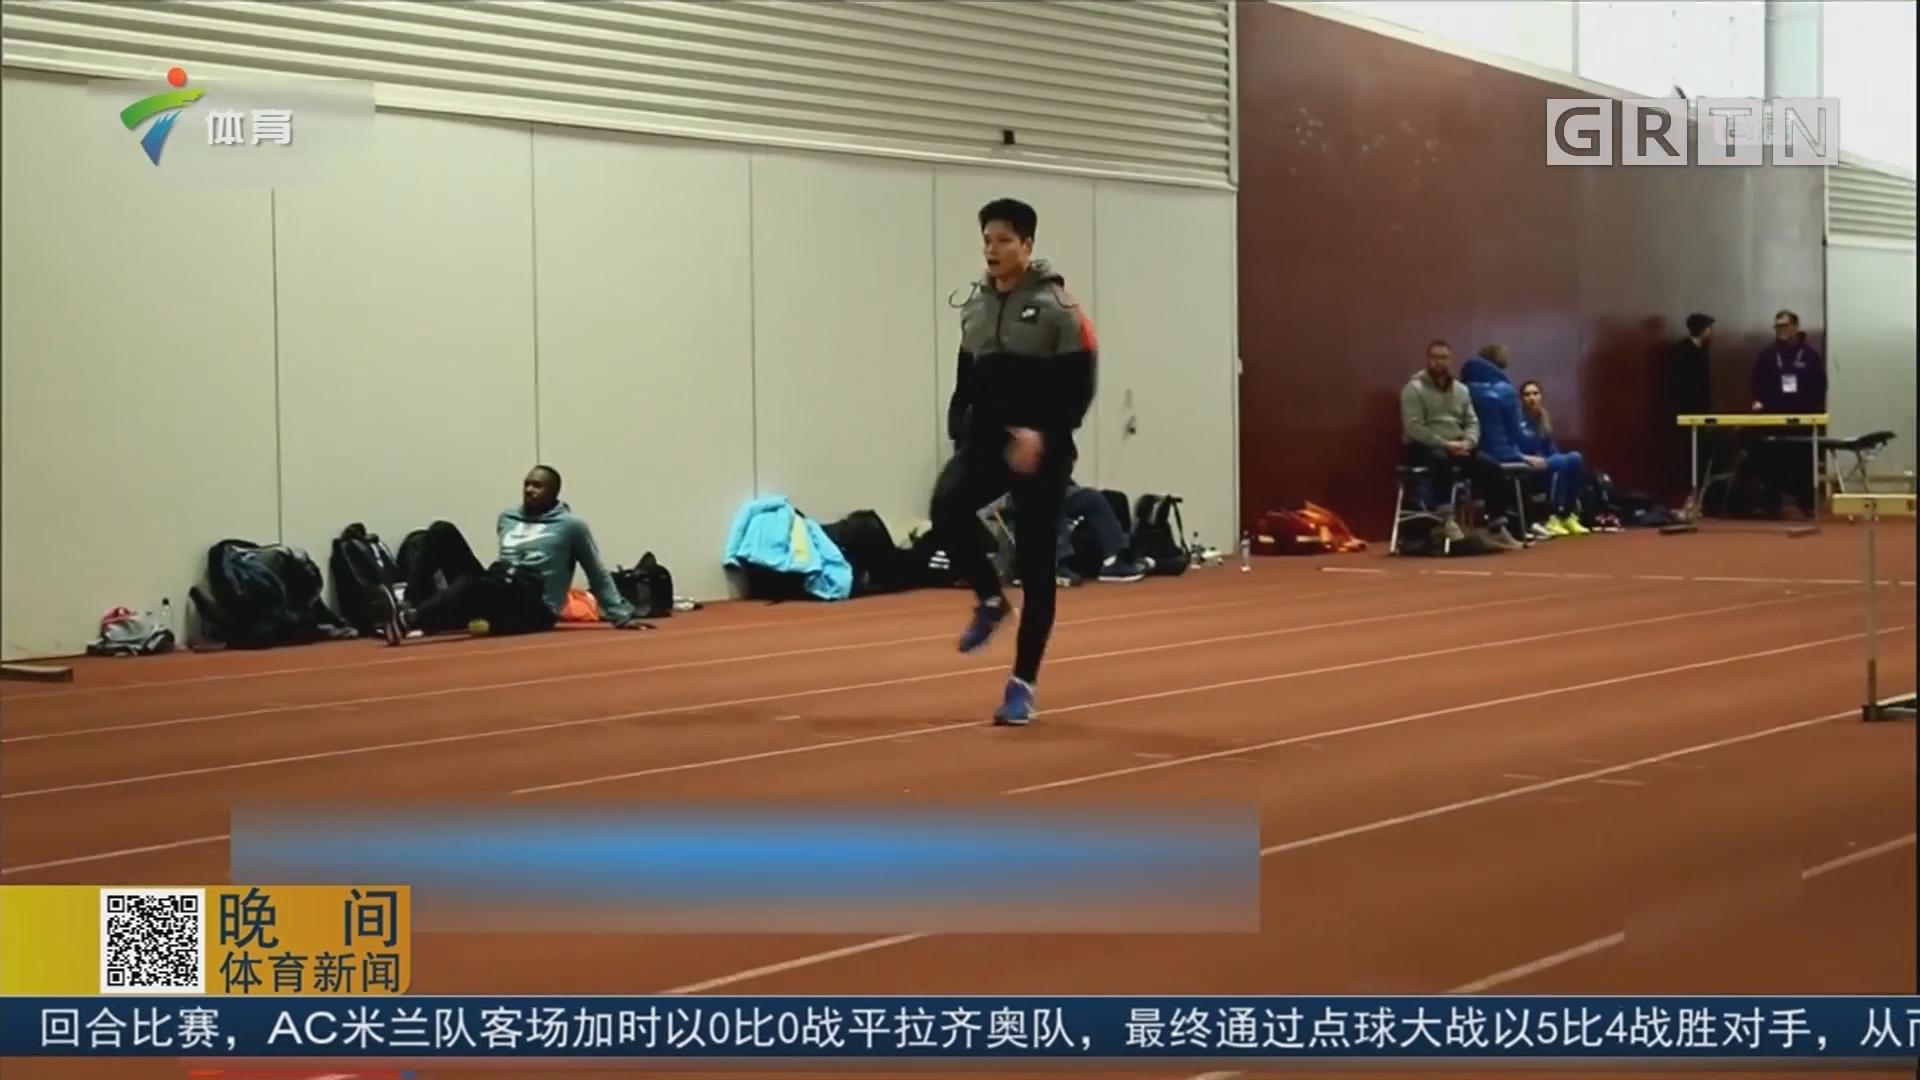 苏炳添领衔中国队 出战世界室内田径锦标赛